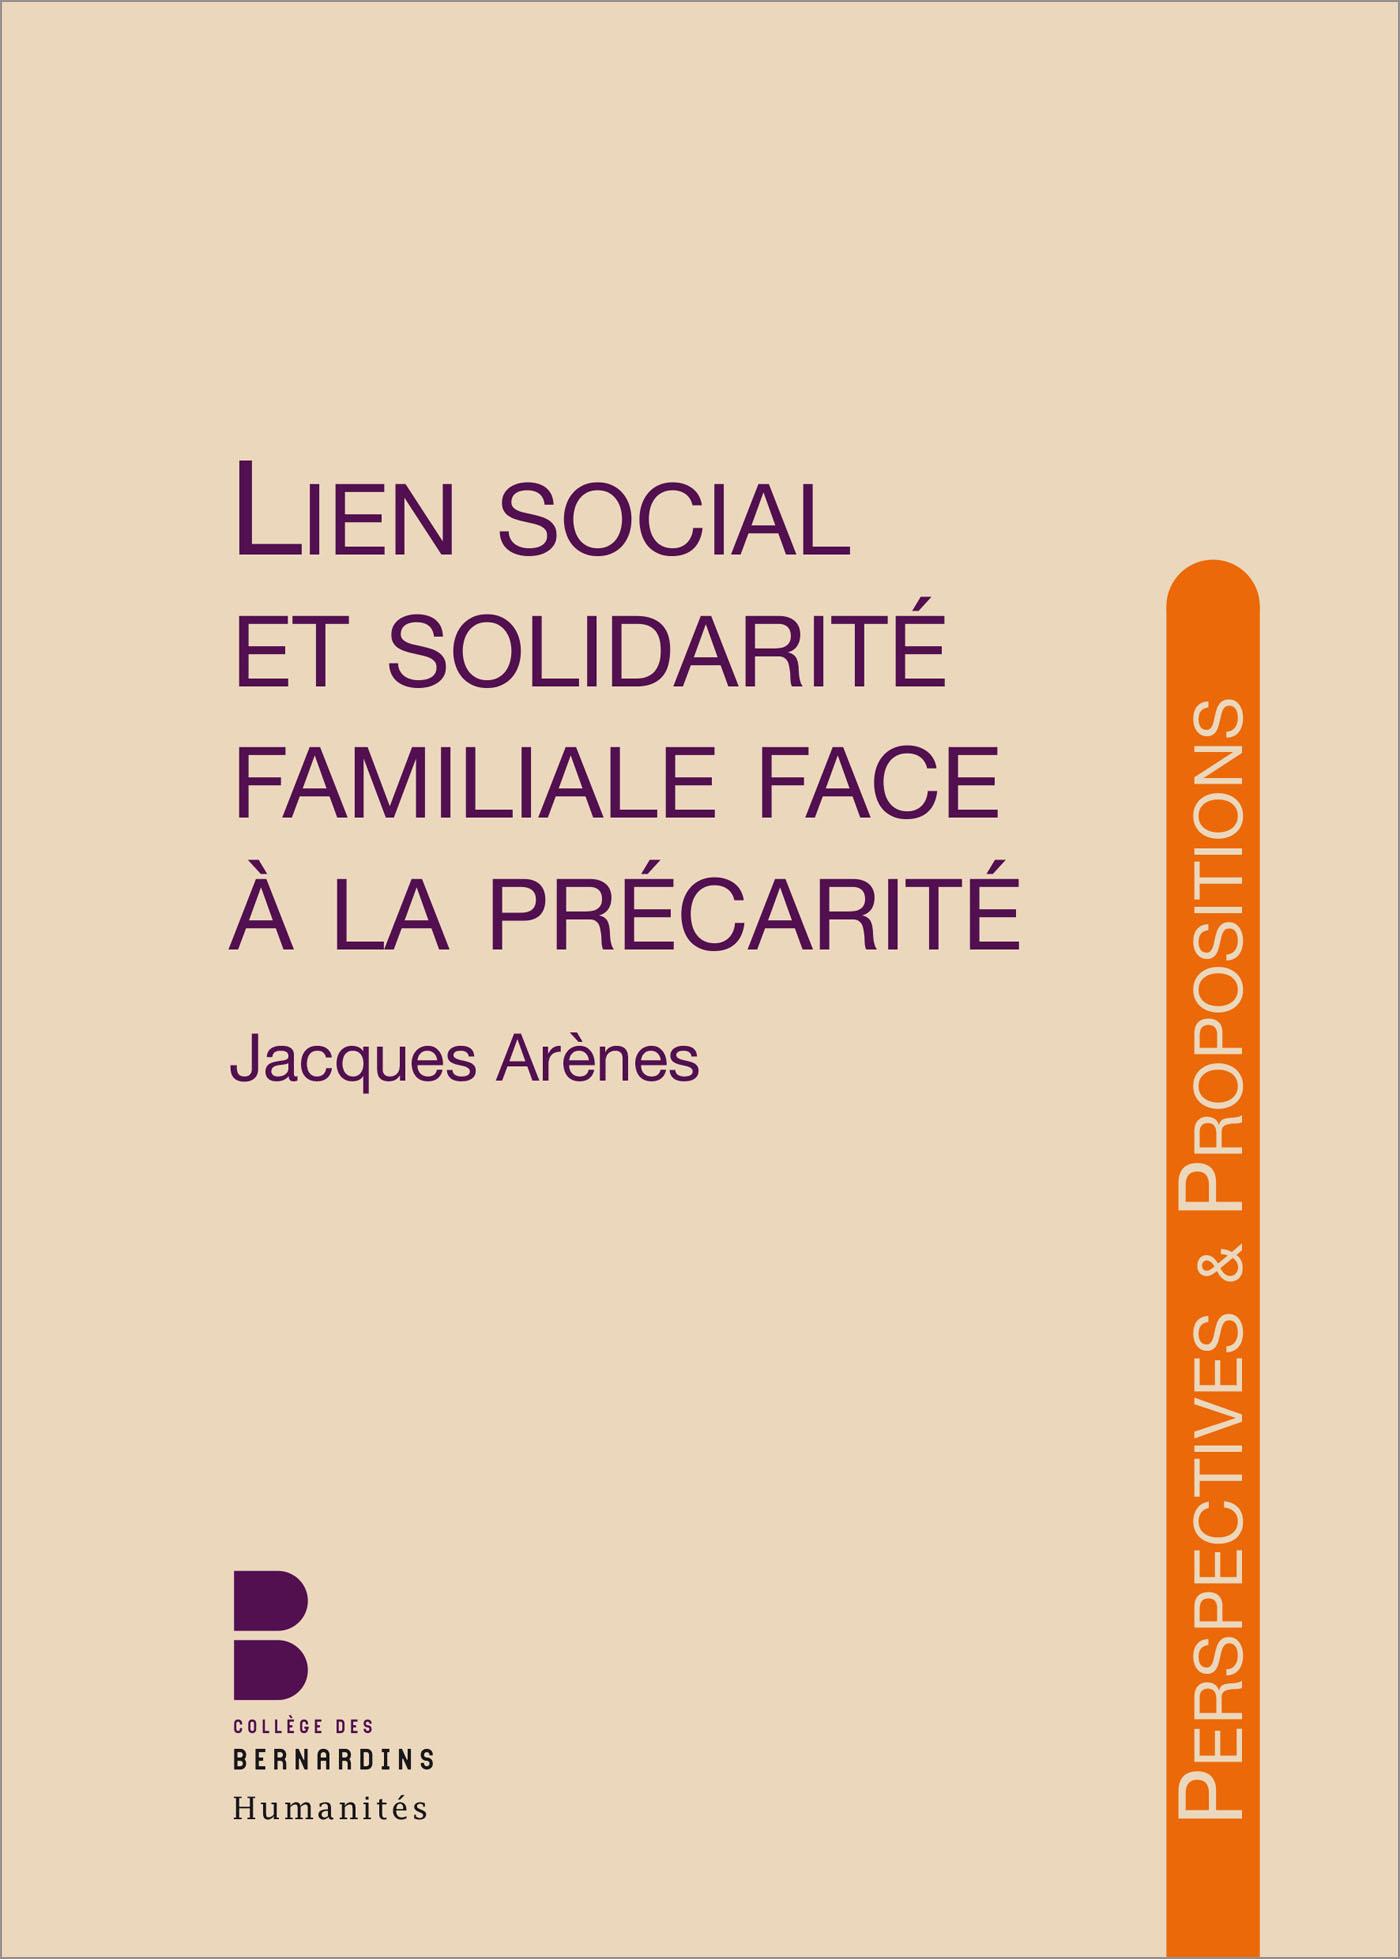 Lien social et solidarité familiale